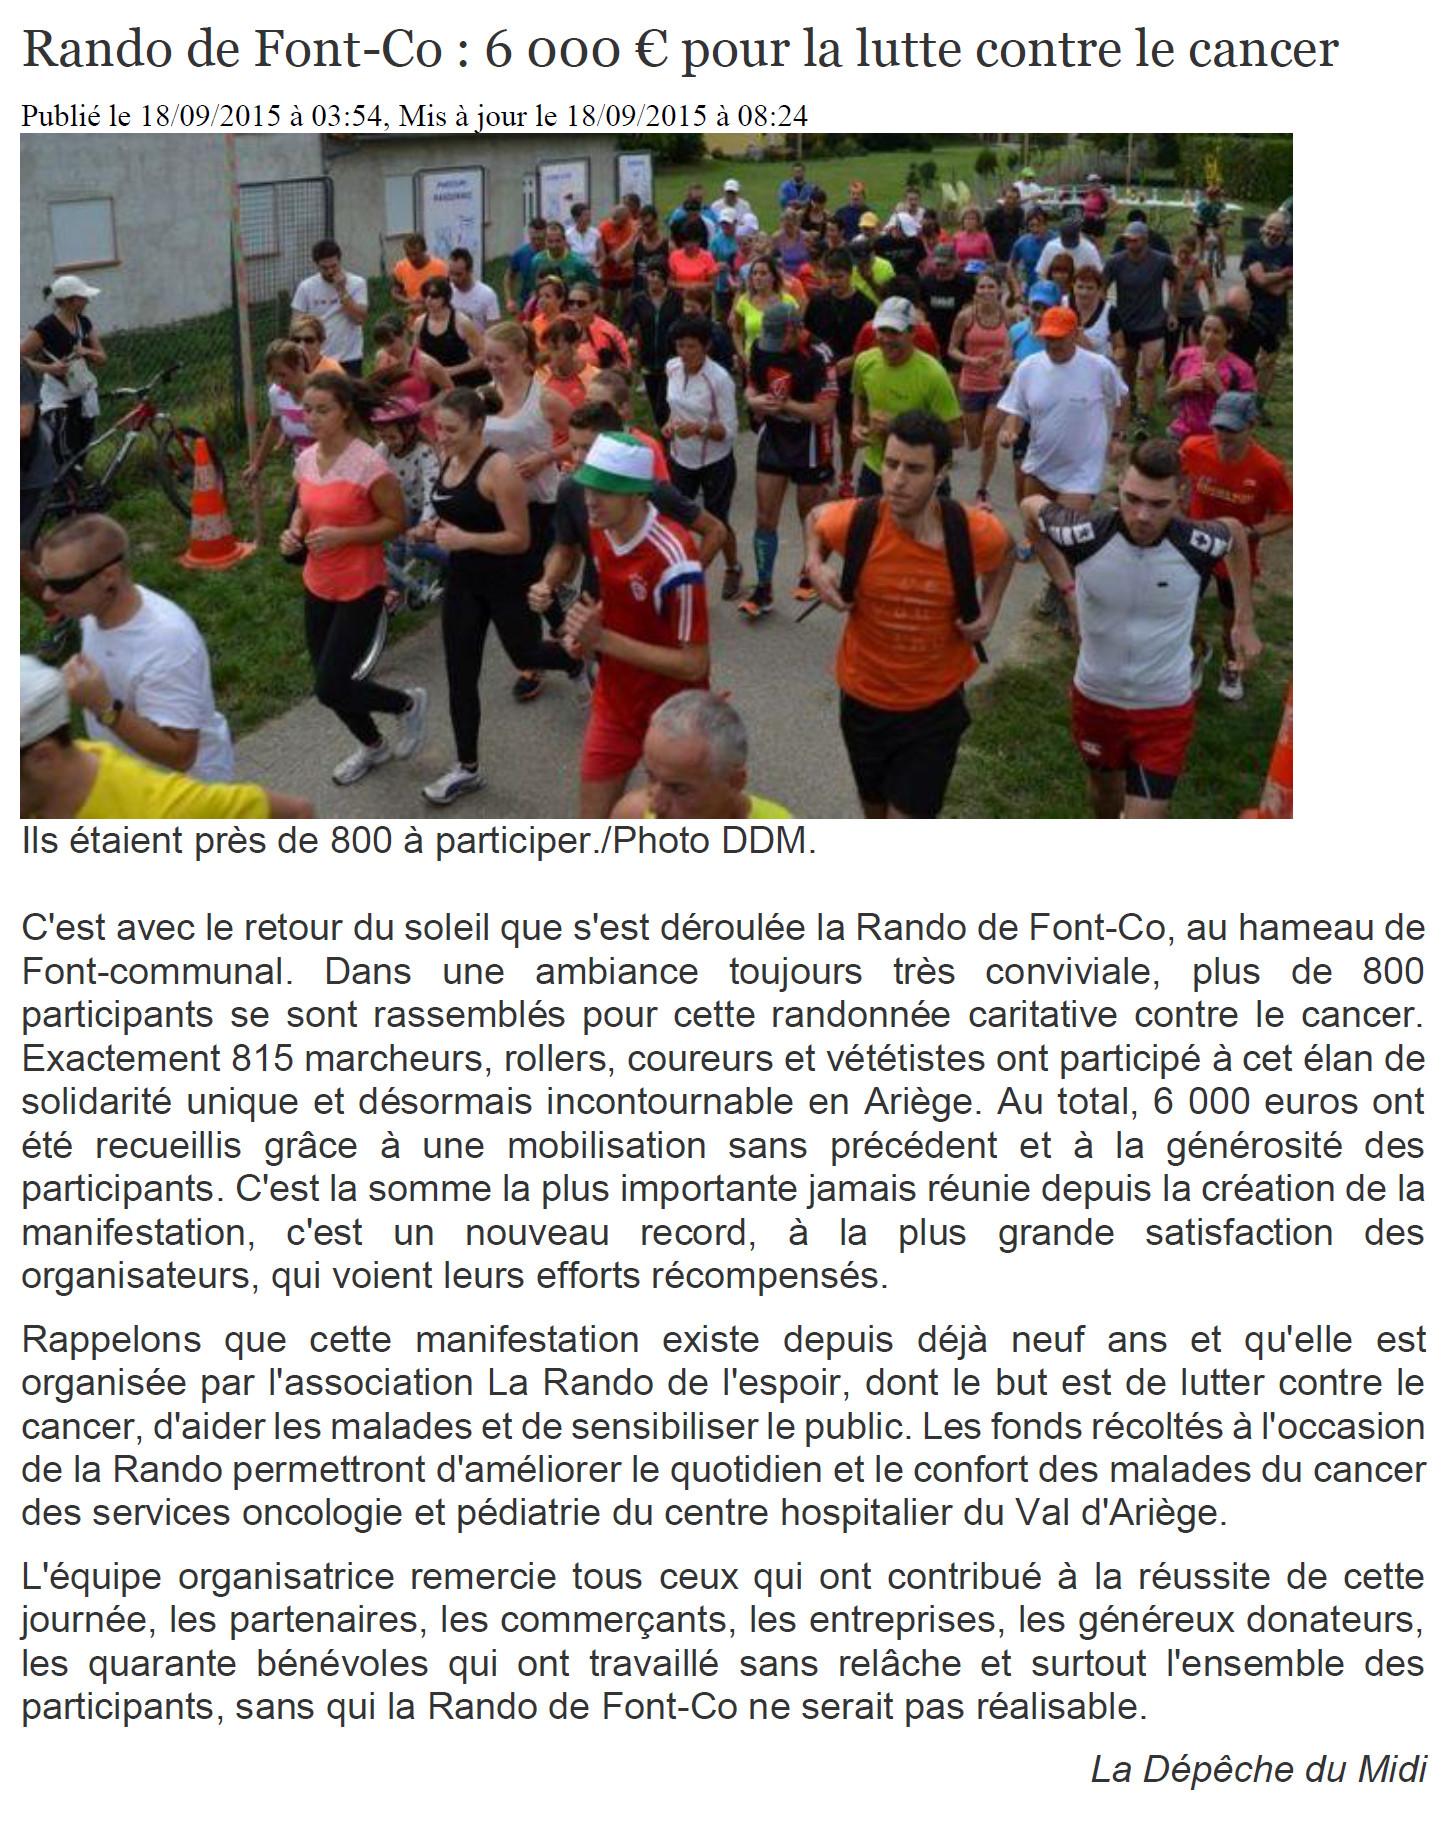 18-septembre-2015-rando-de-font-co-6000e-pour-lutter-contre-le-cancer